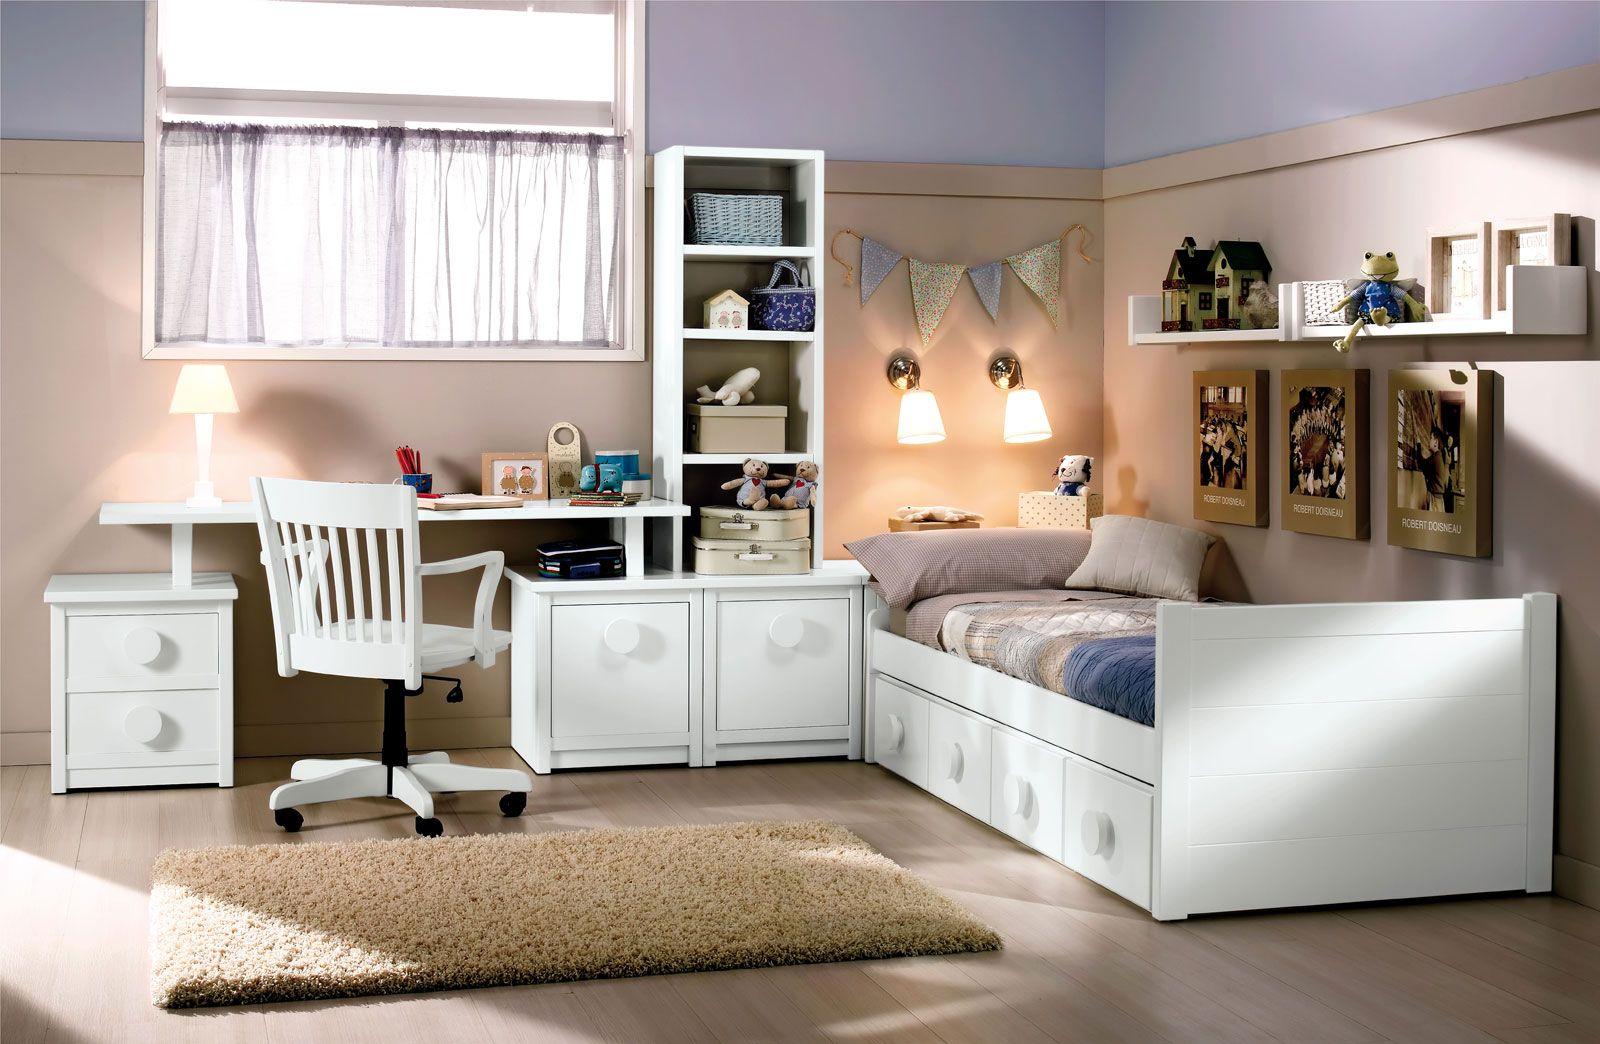 Programa dise ar dormitorio juvenil casa dise o - Disenar dormitorio juvenil ...